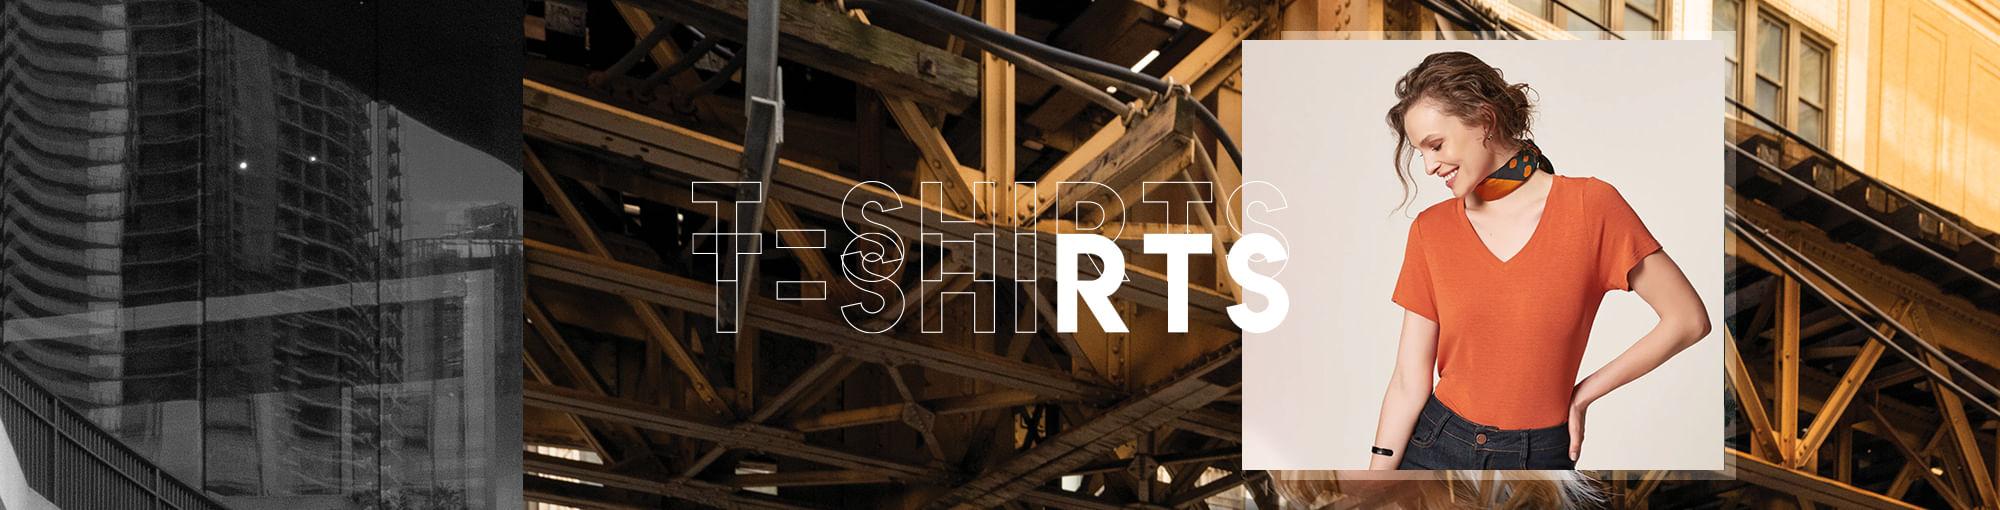 33250c8a00 Os melhores modelos de t-shirts só aqui na MOB. Confira!